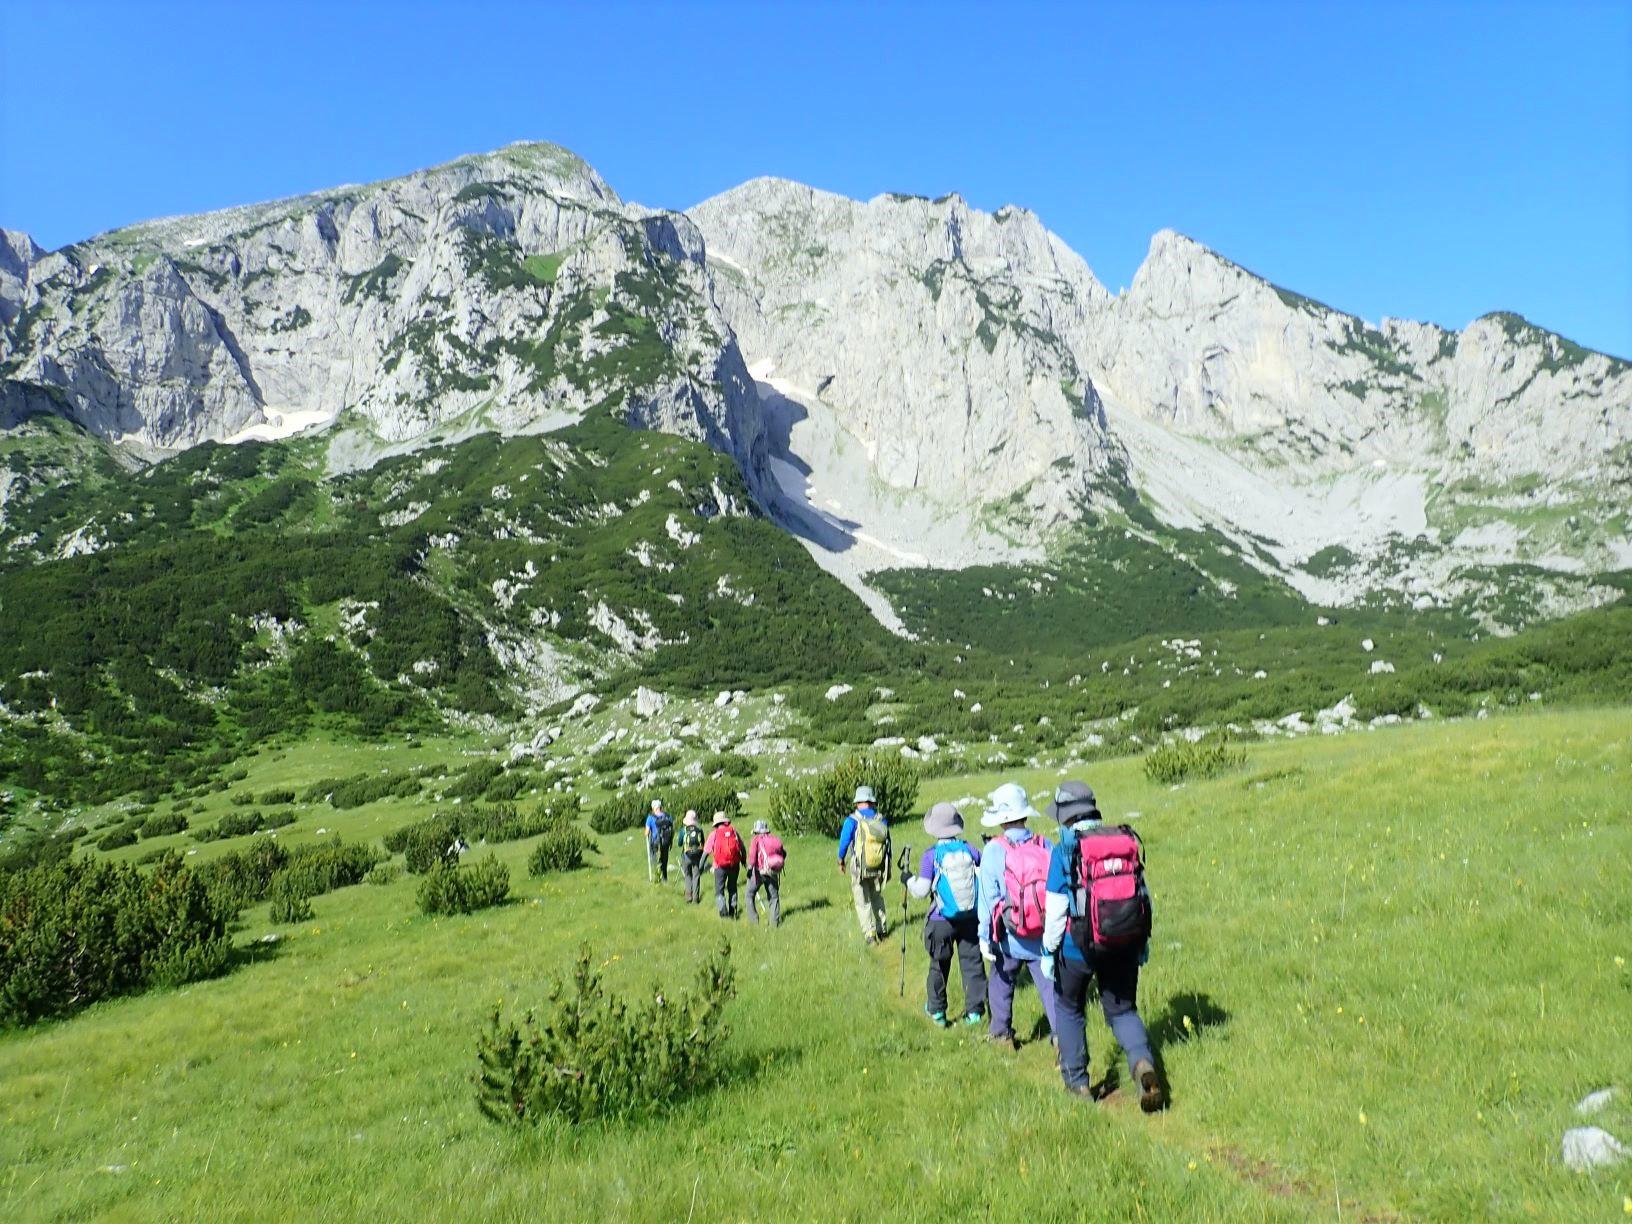 ボスニア・ヘルツェゴビナ最高峰マグリッチへ向けて歩く(6日目)